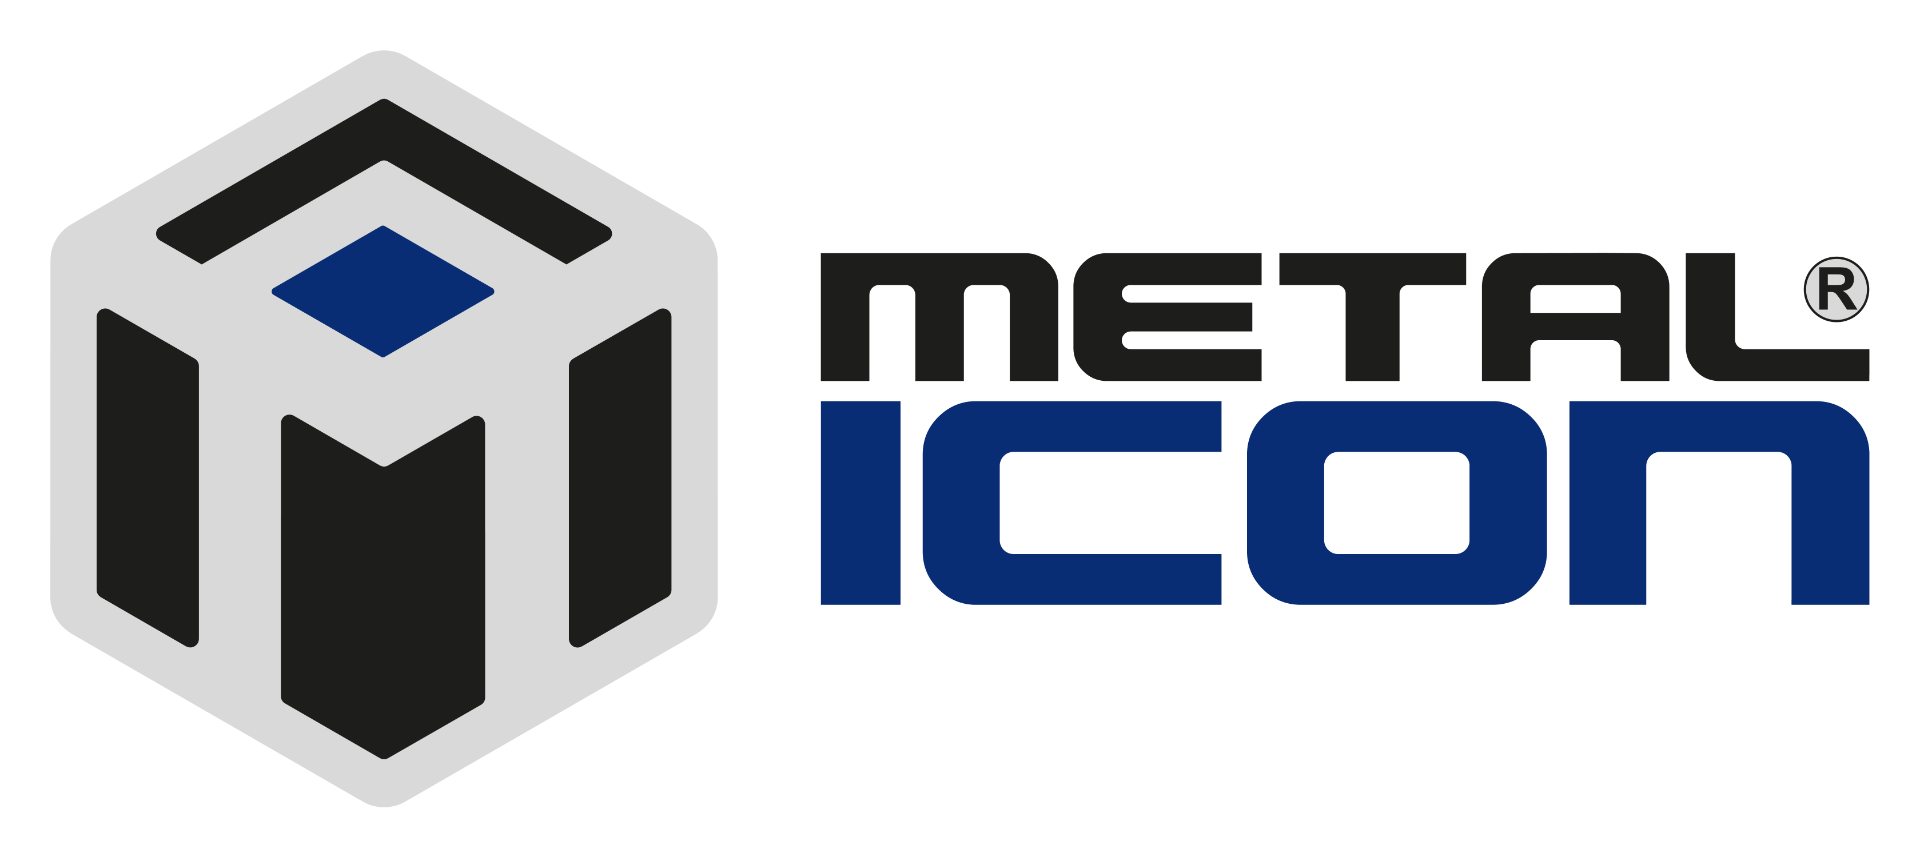 Metalicon